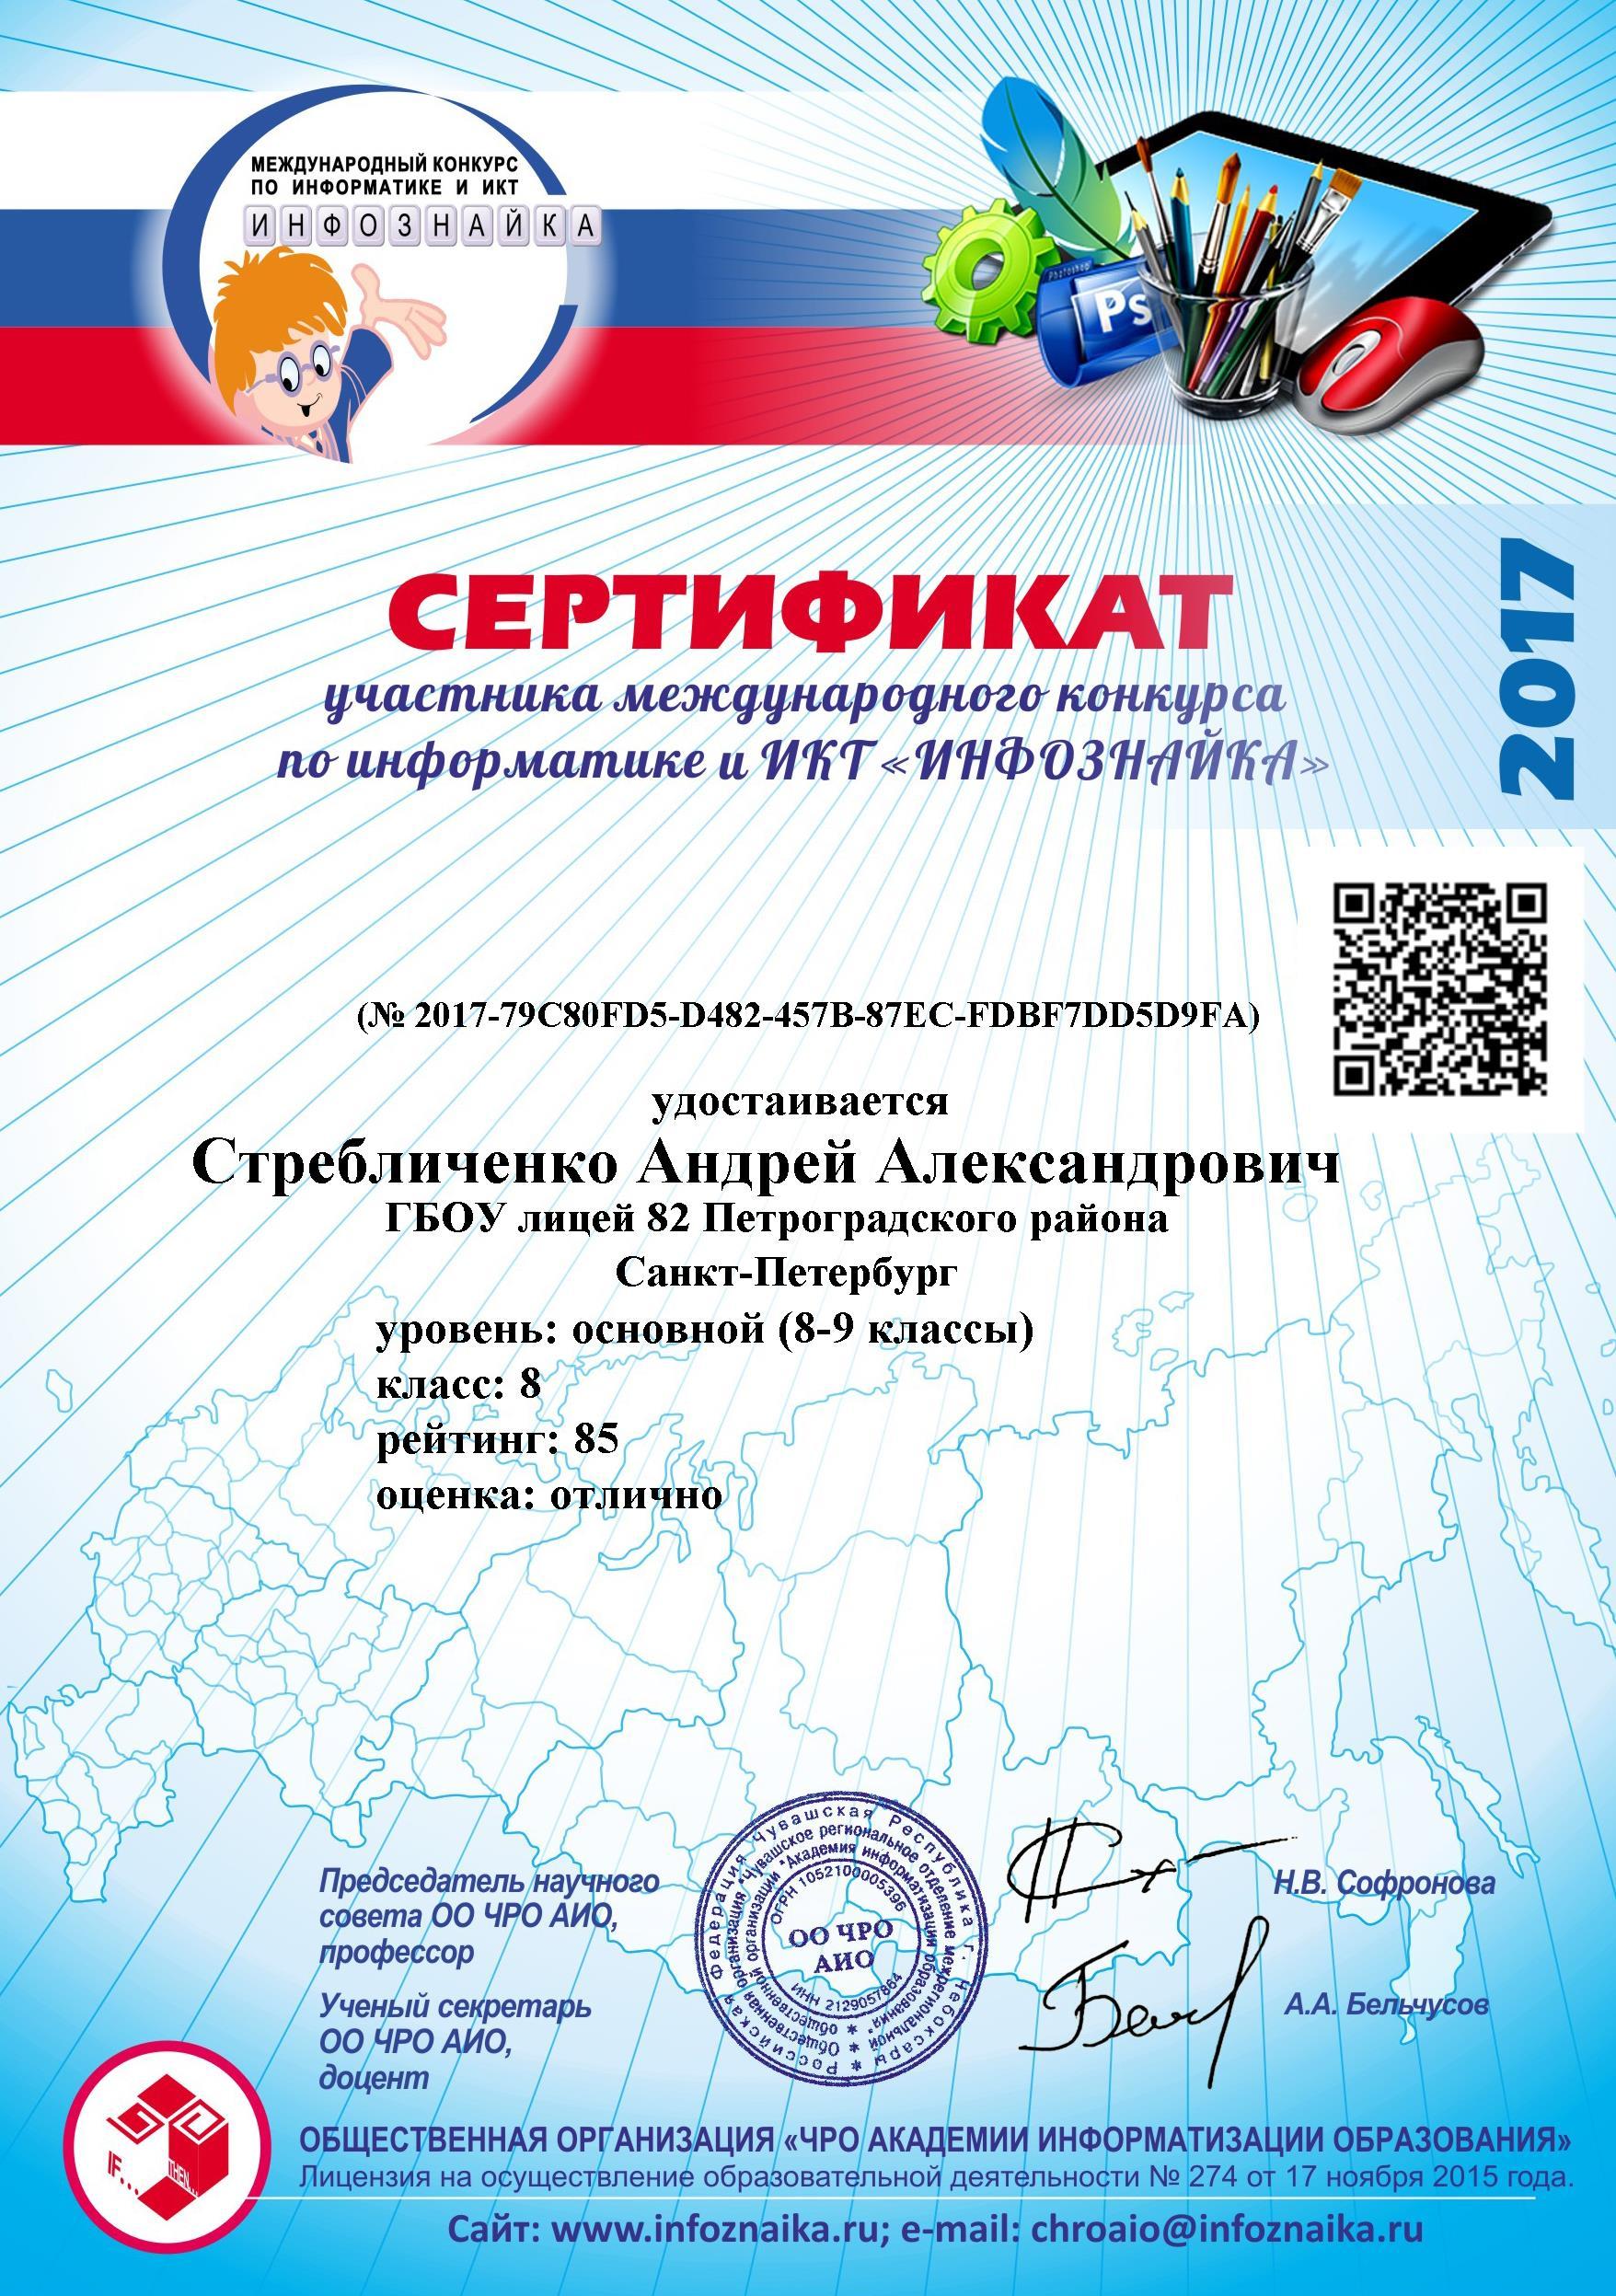 Сертификаты участников конкурса 2017